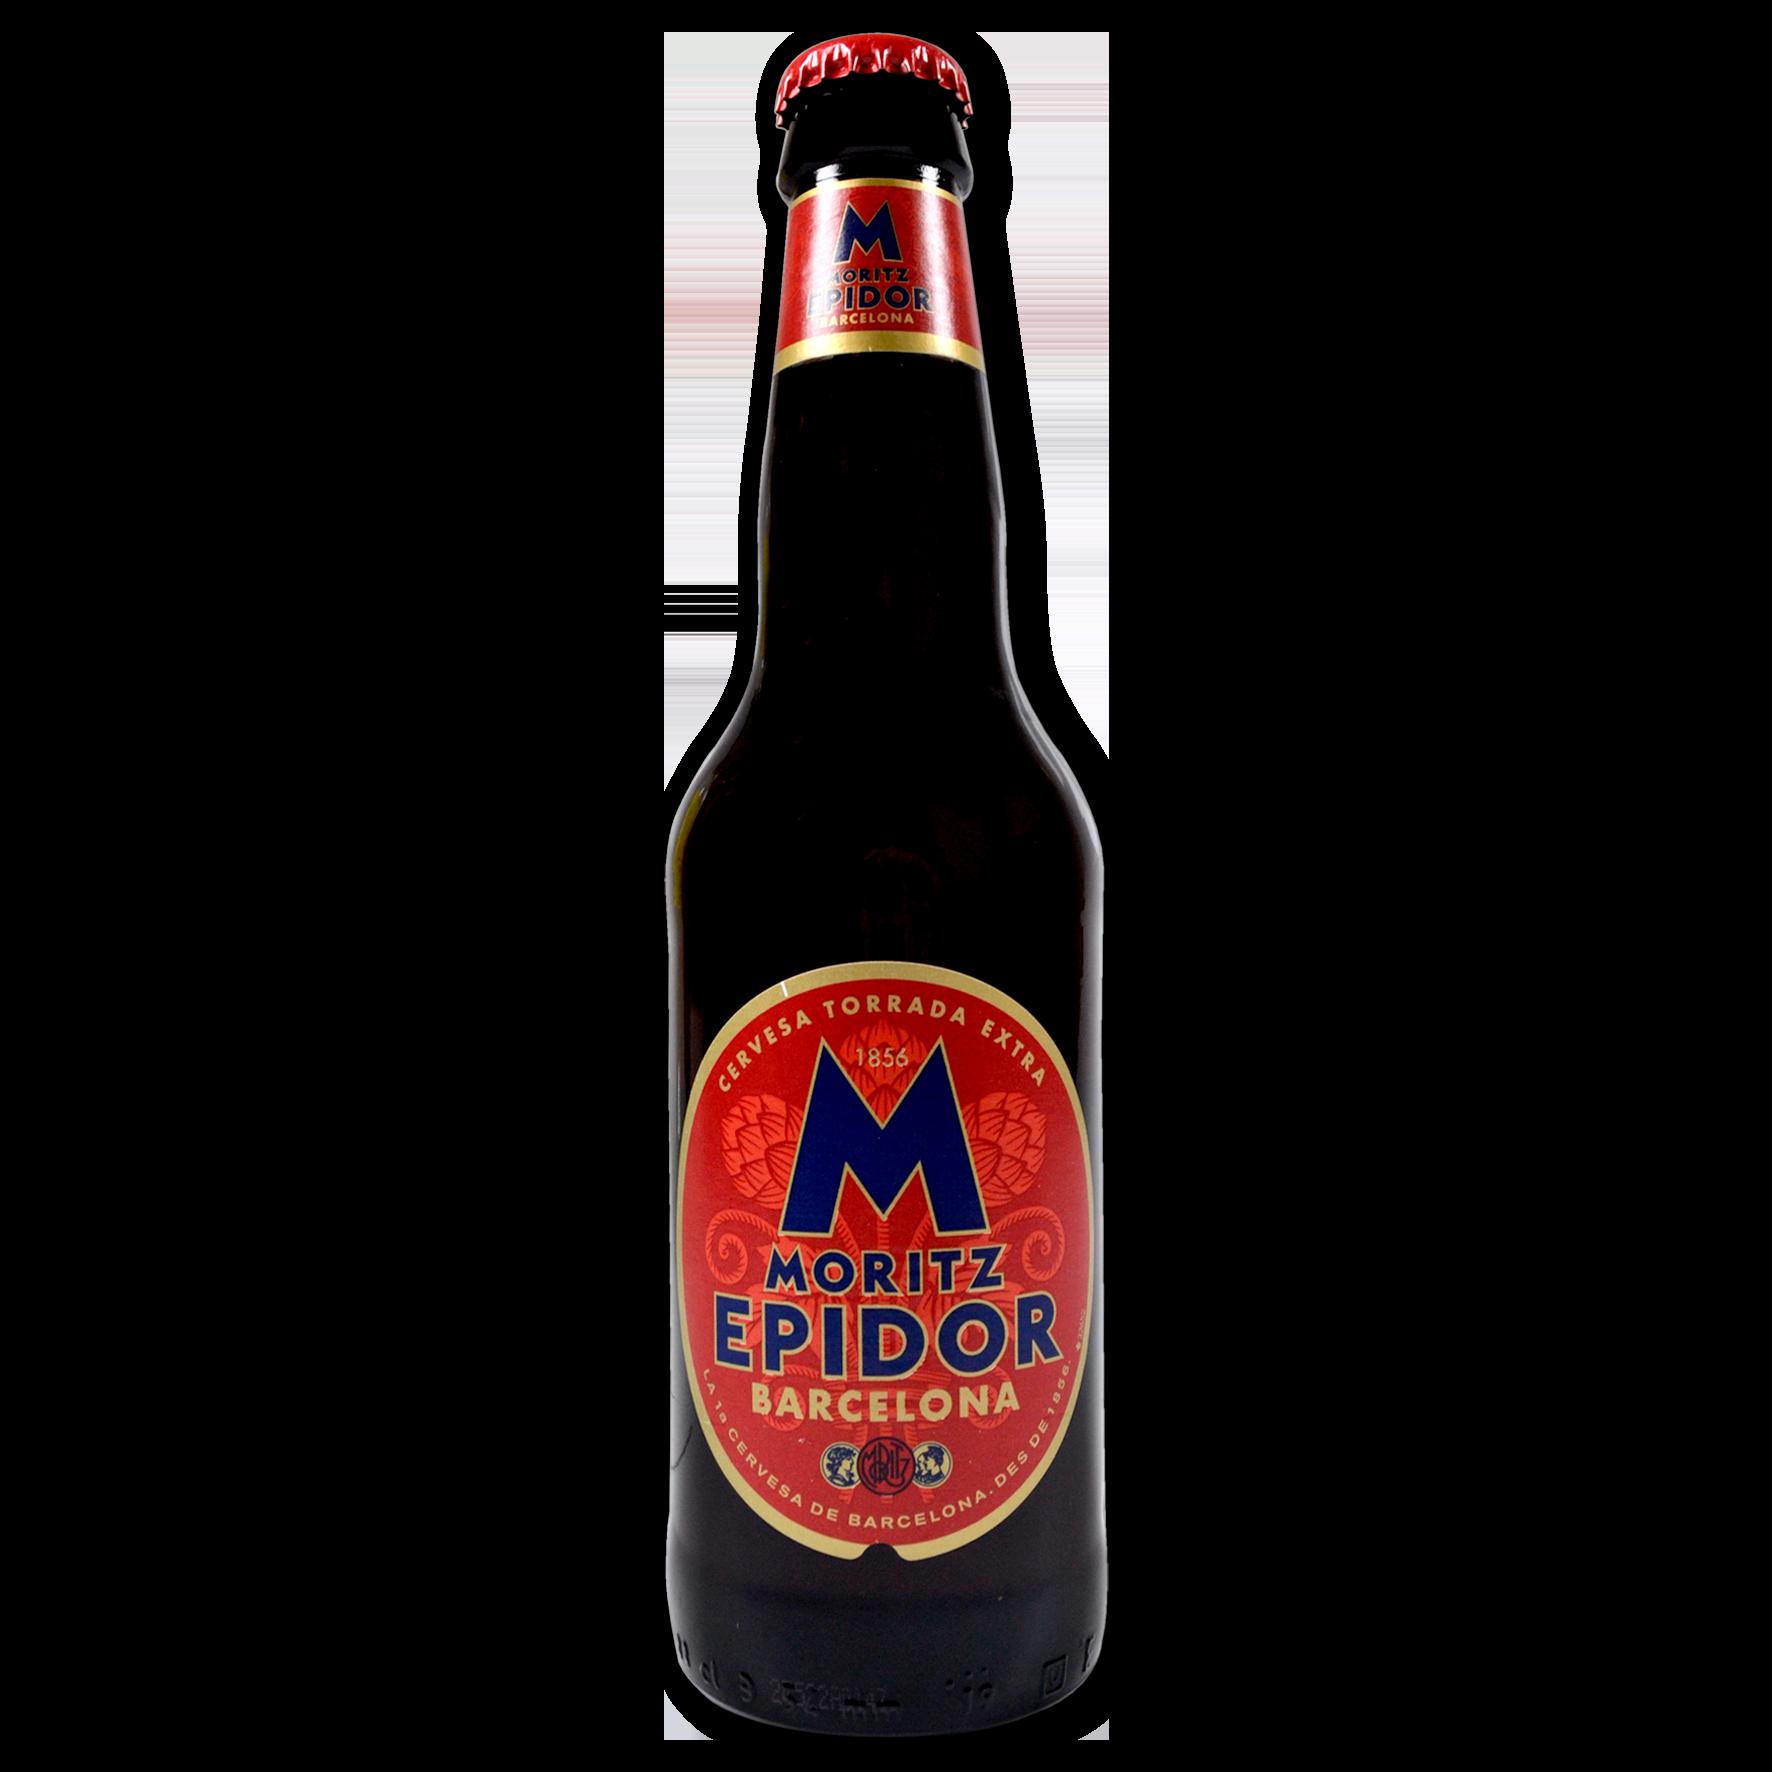 Cervesa Moritz epidor ampolla